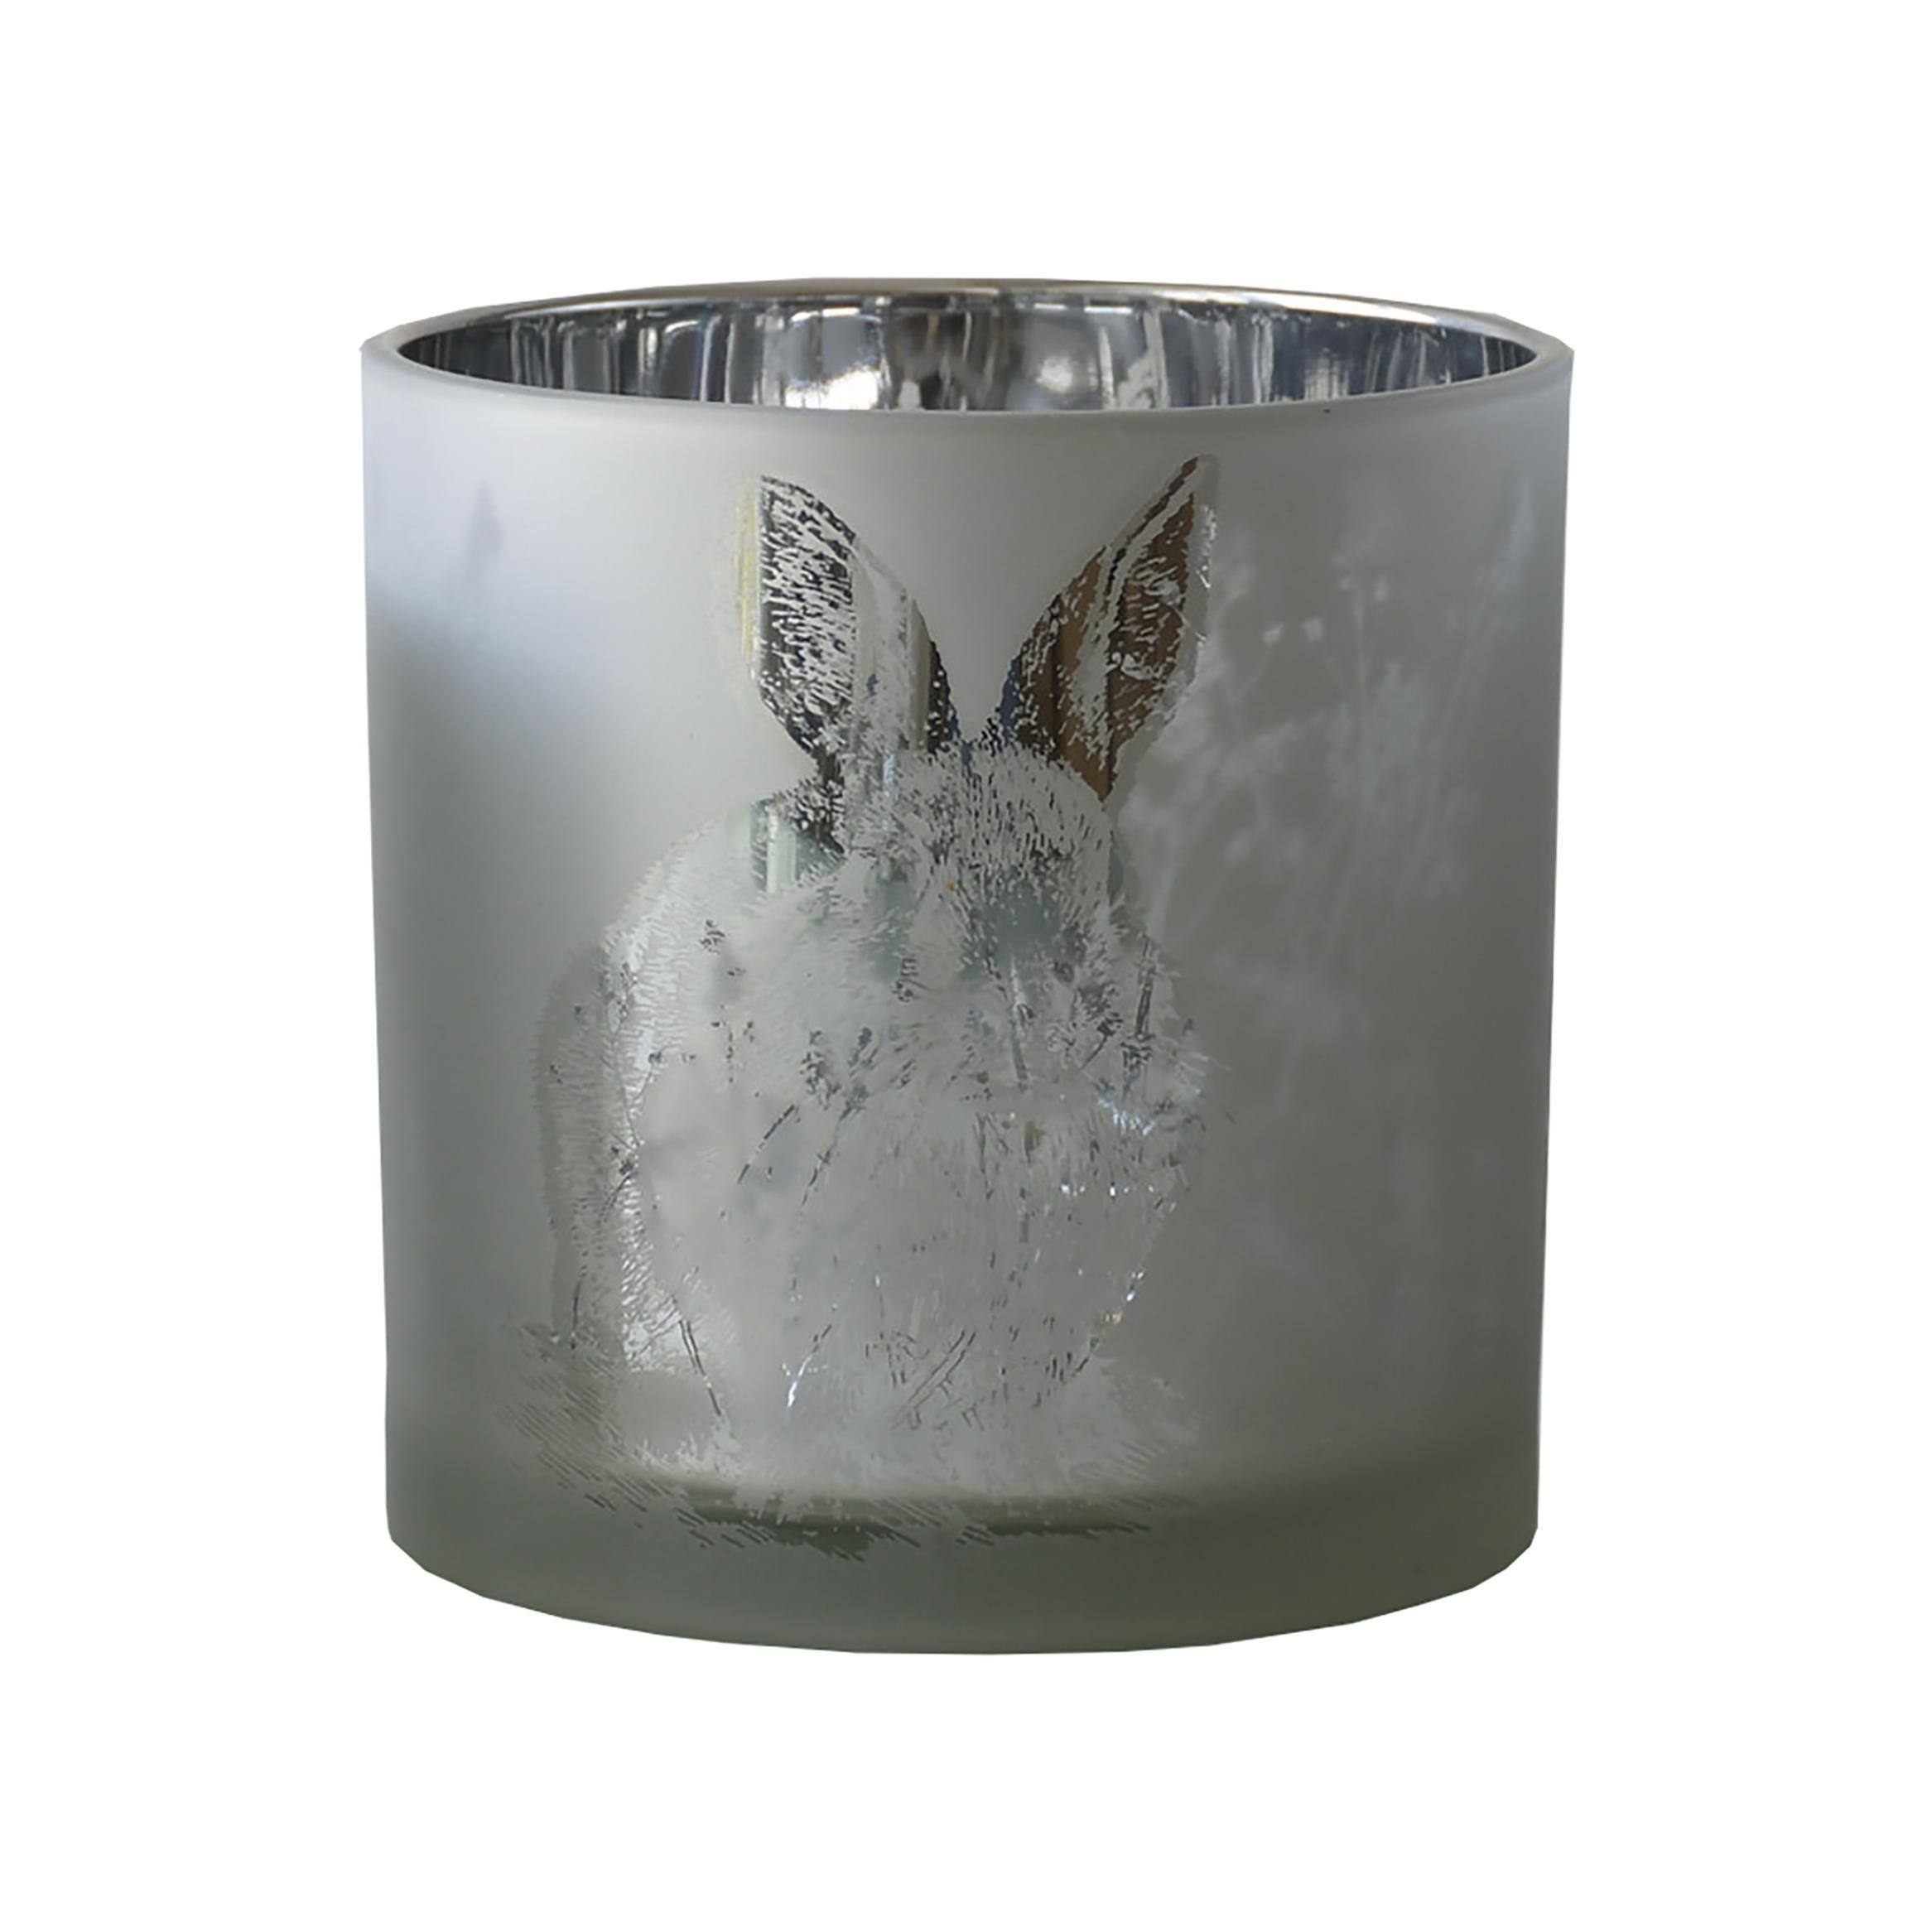 Teelicht 'Rabbit' D7,3 H 8cm, Ve. 1 Stk